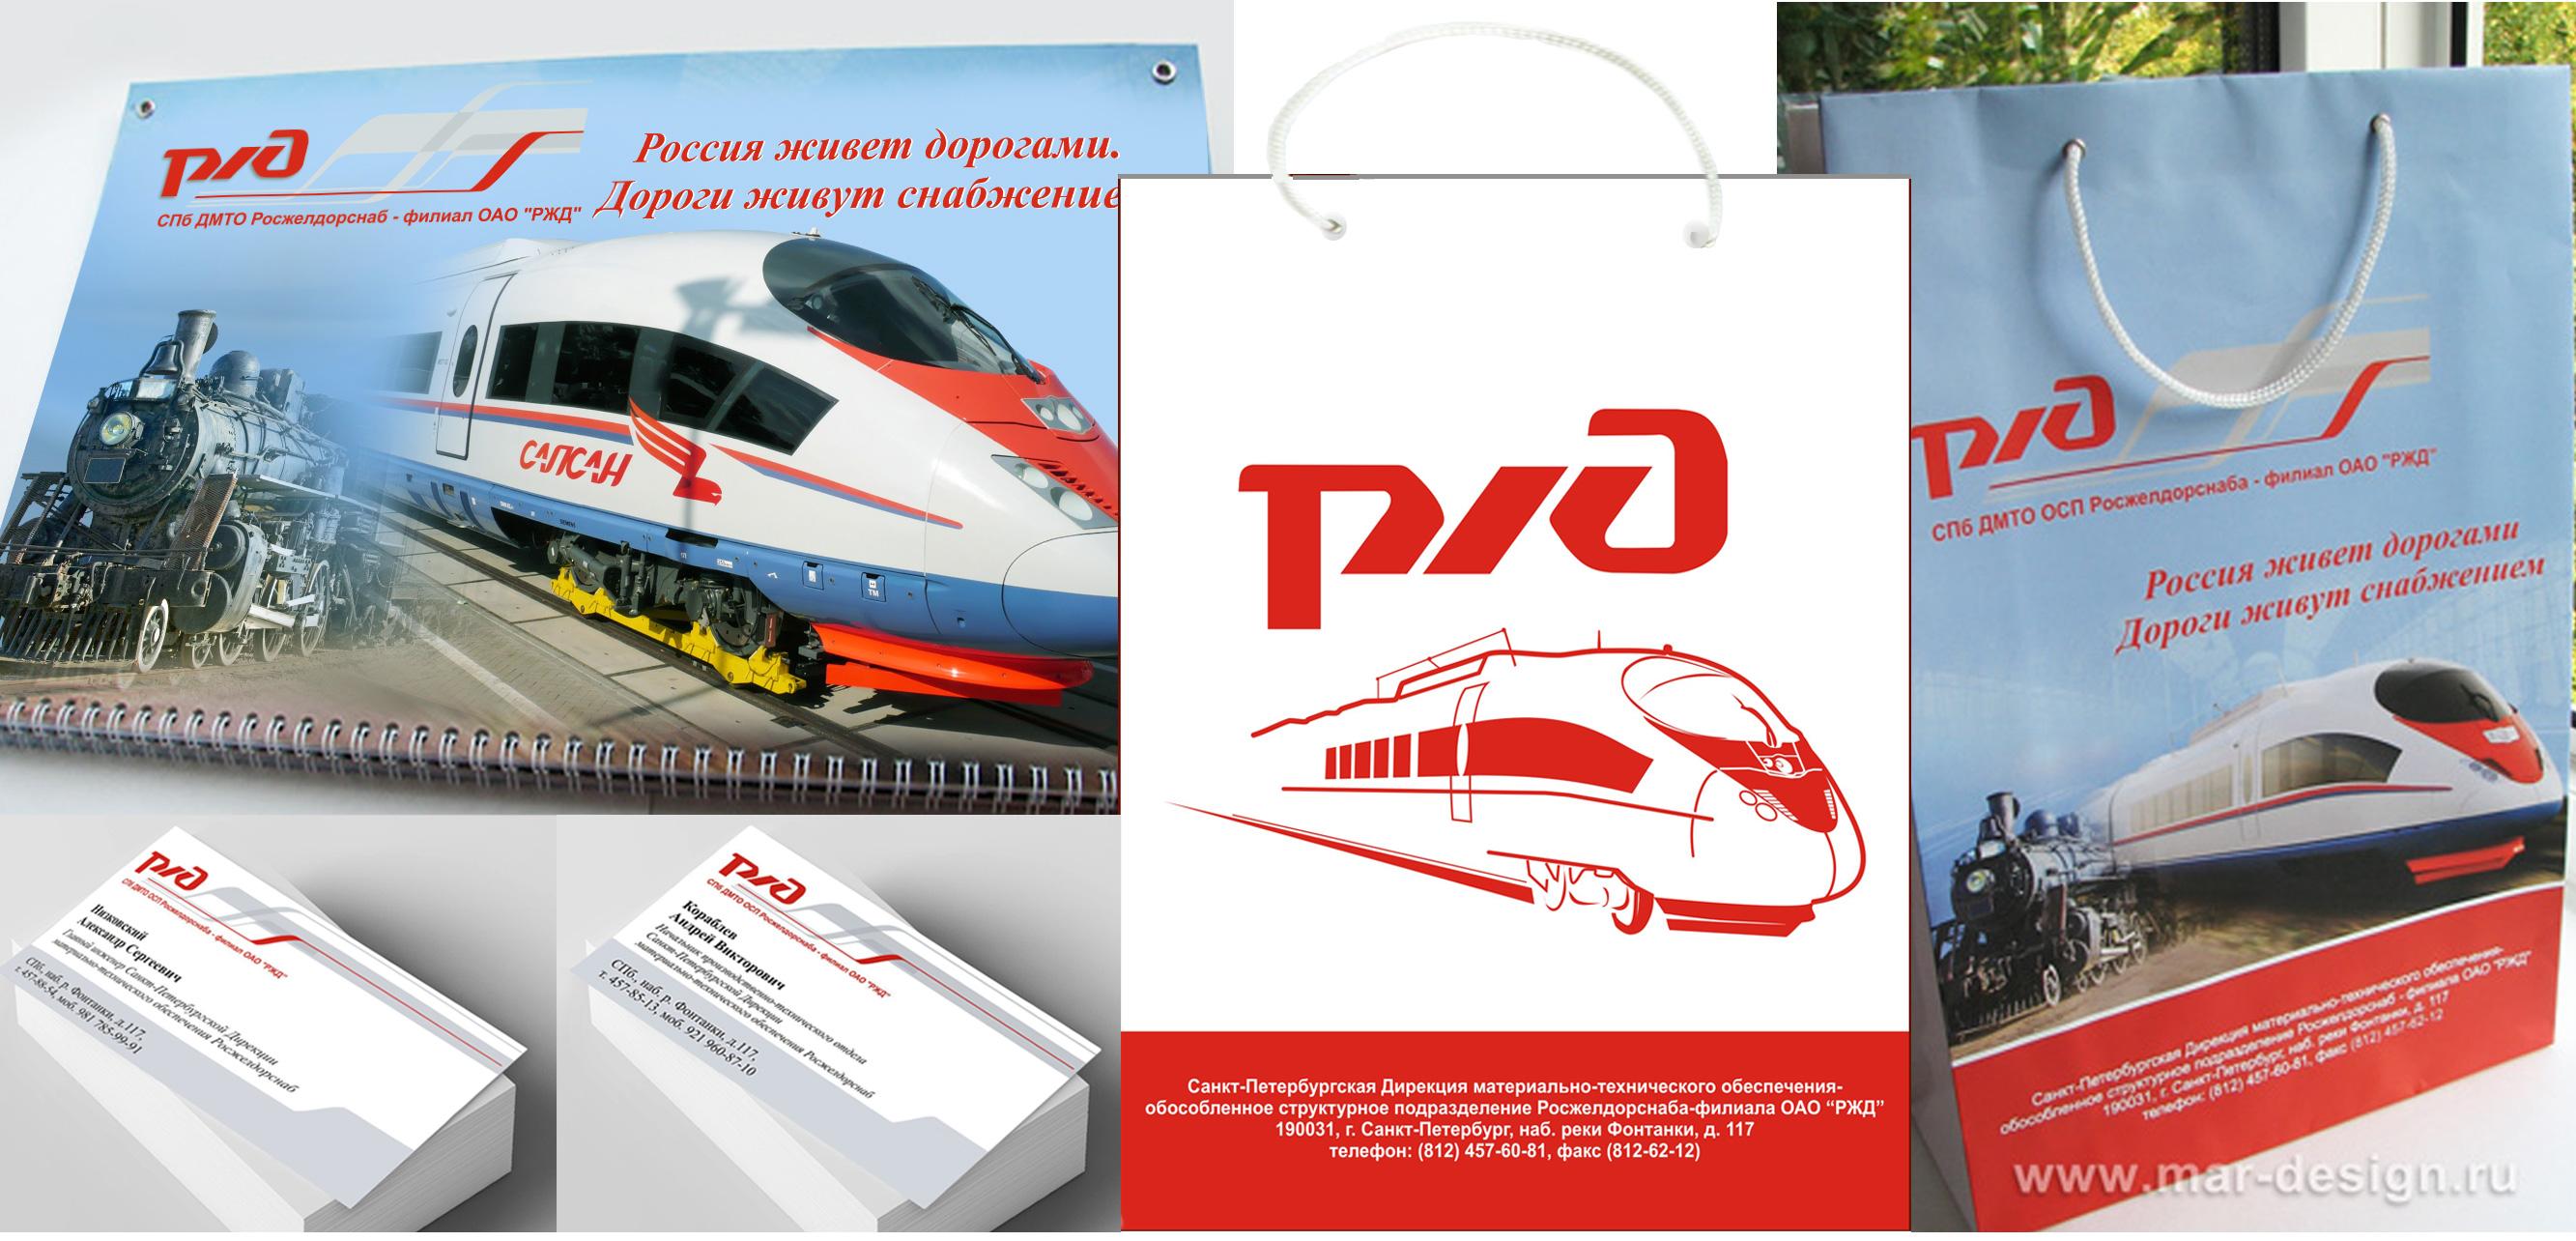 Разработка фирменного стиля, логотипы на заказ, эксклюзивные календари, буклеты, визитки можете заказать в дизайн студии MAR-design.